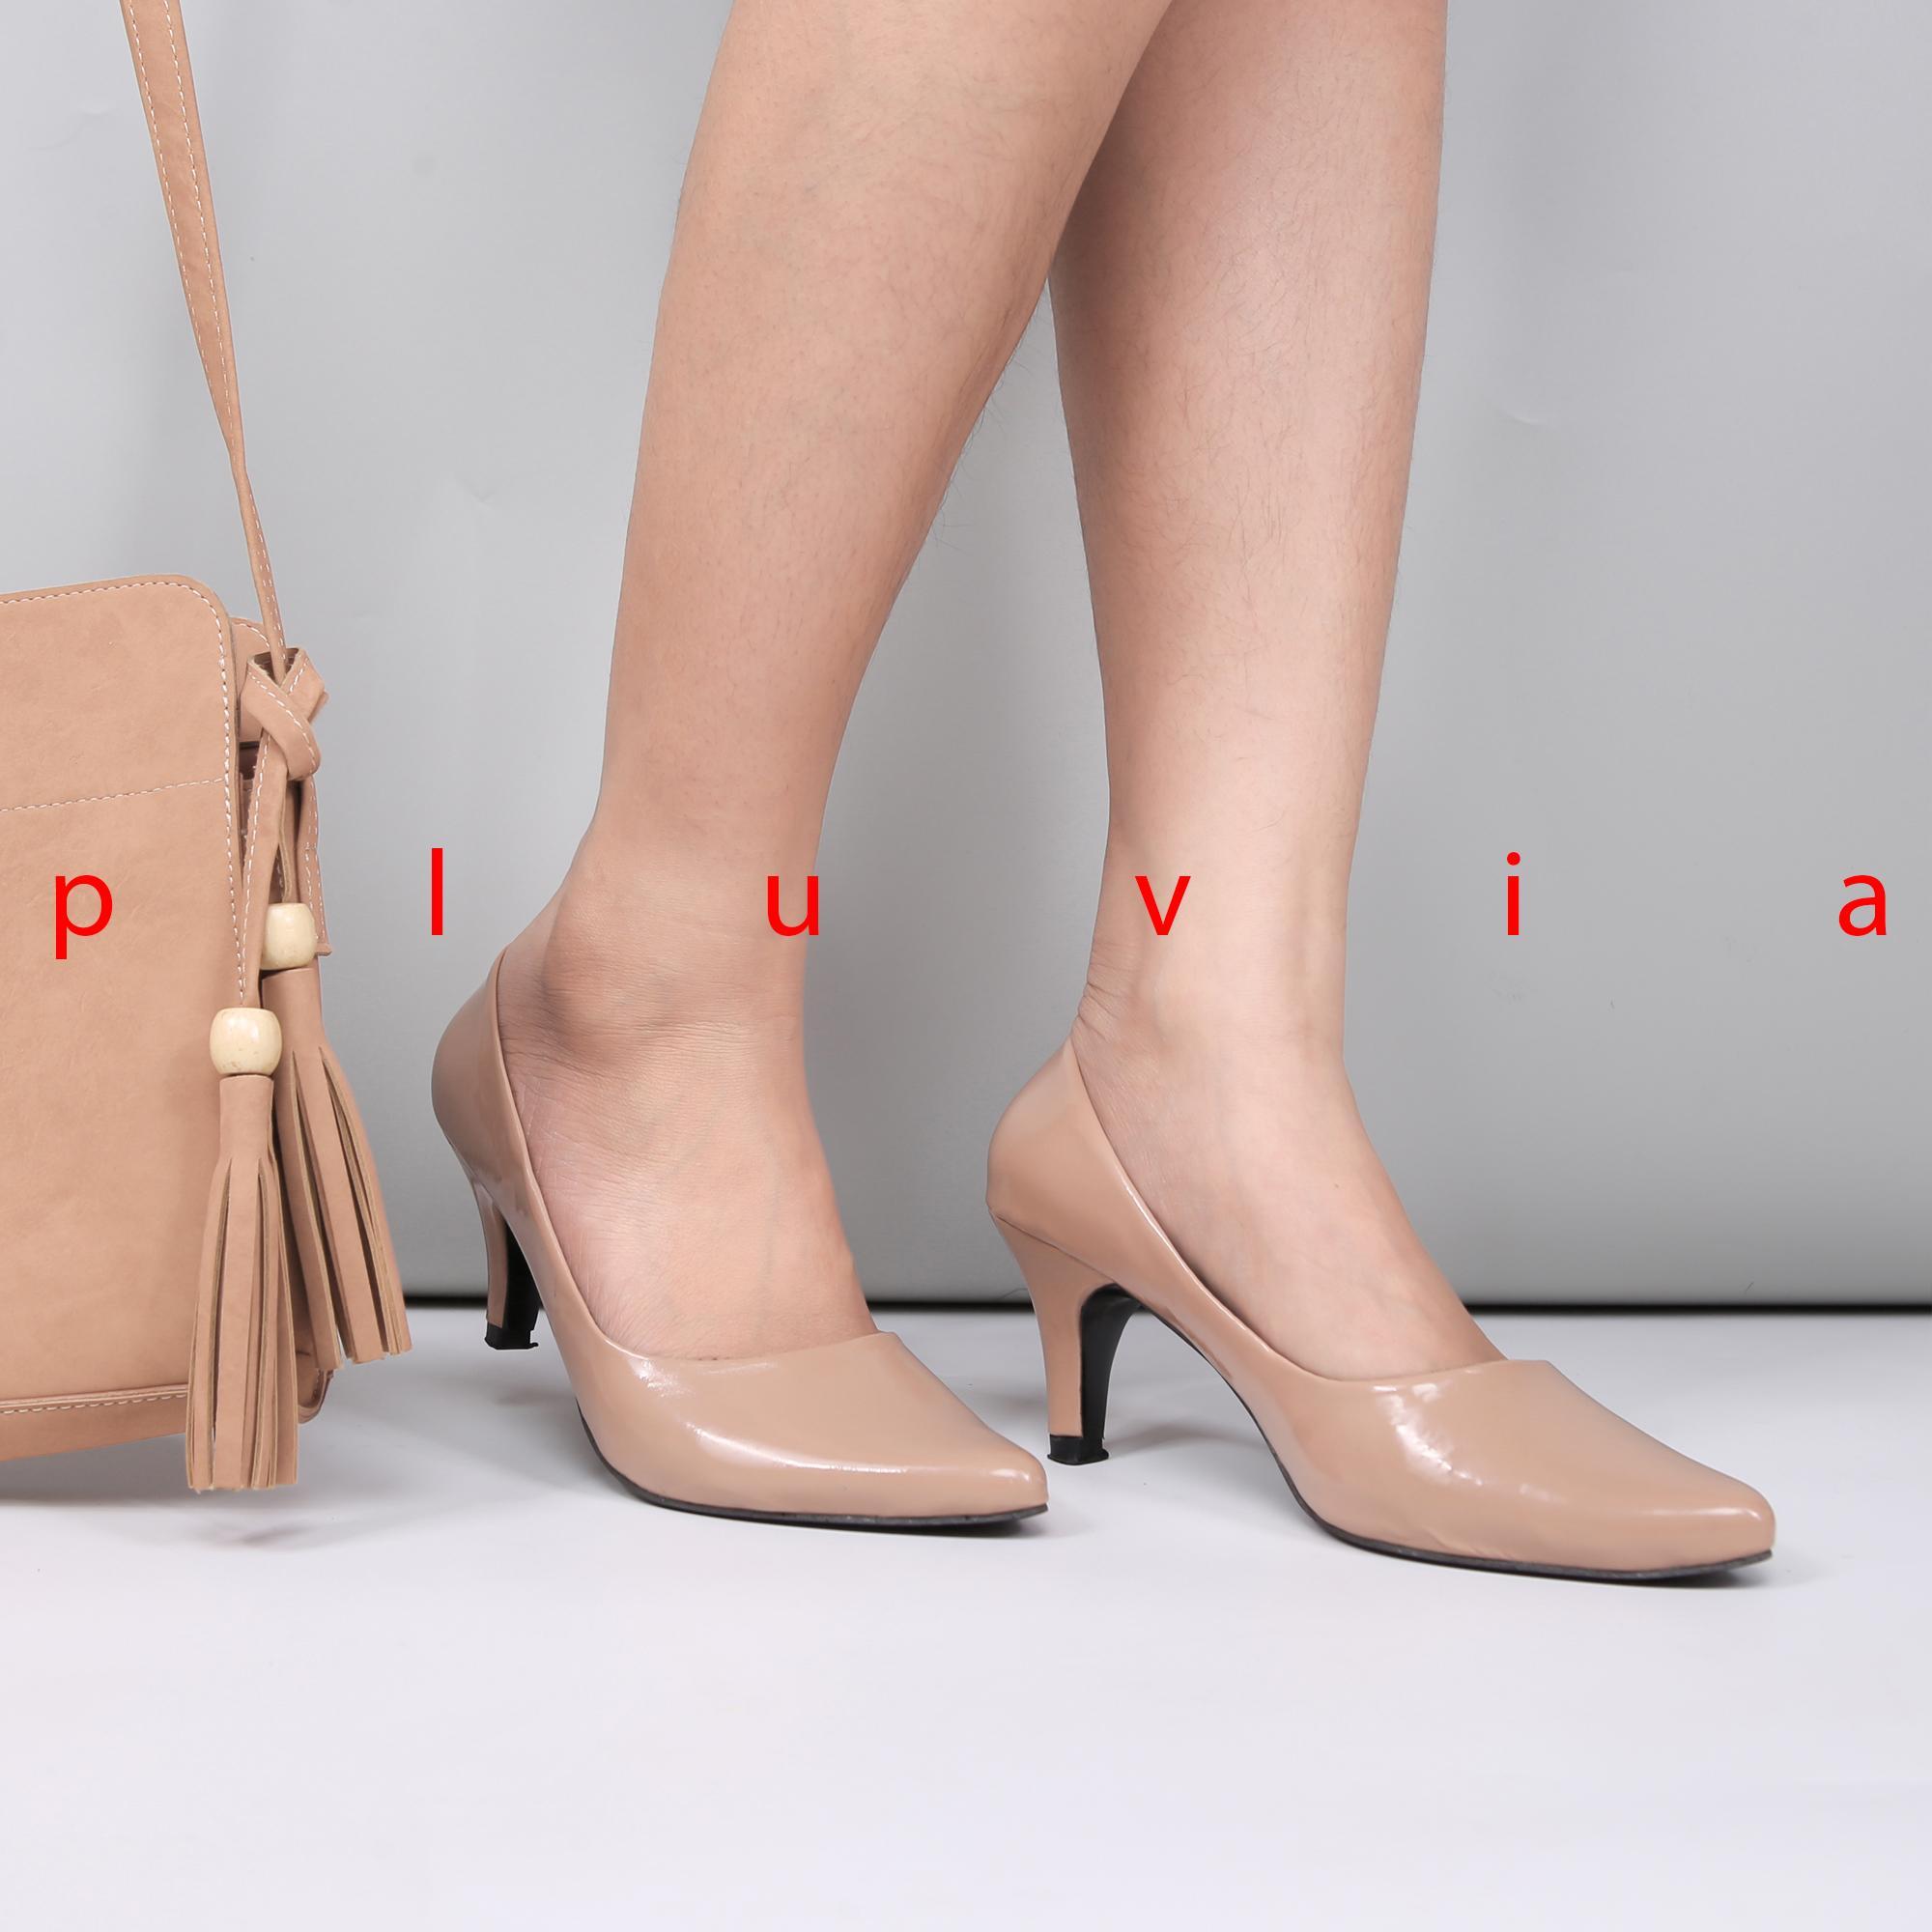 Pluvia - Sepatu Kerja Pantofel High Heels Wanita BB01 - Mocca